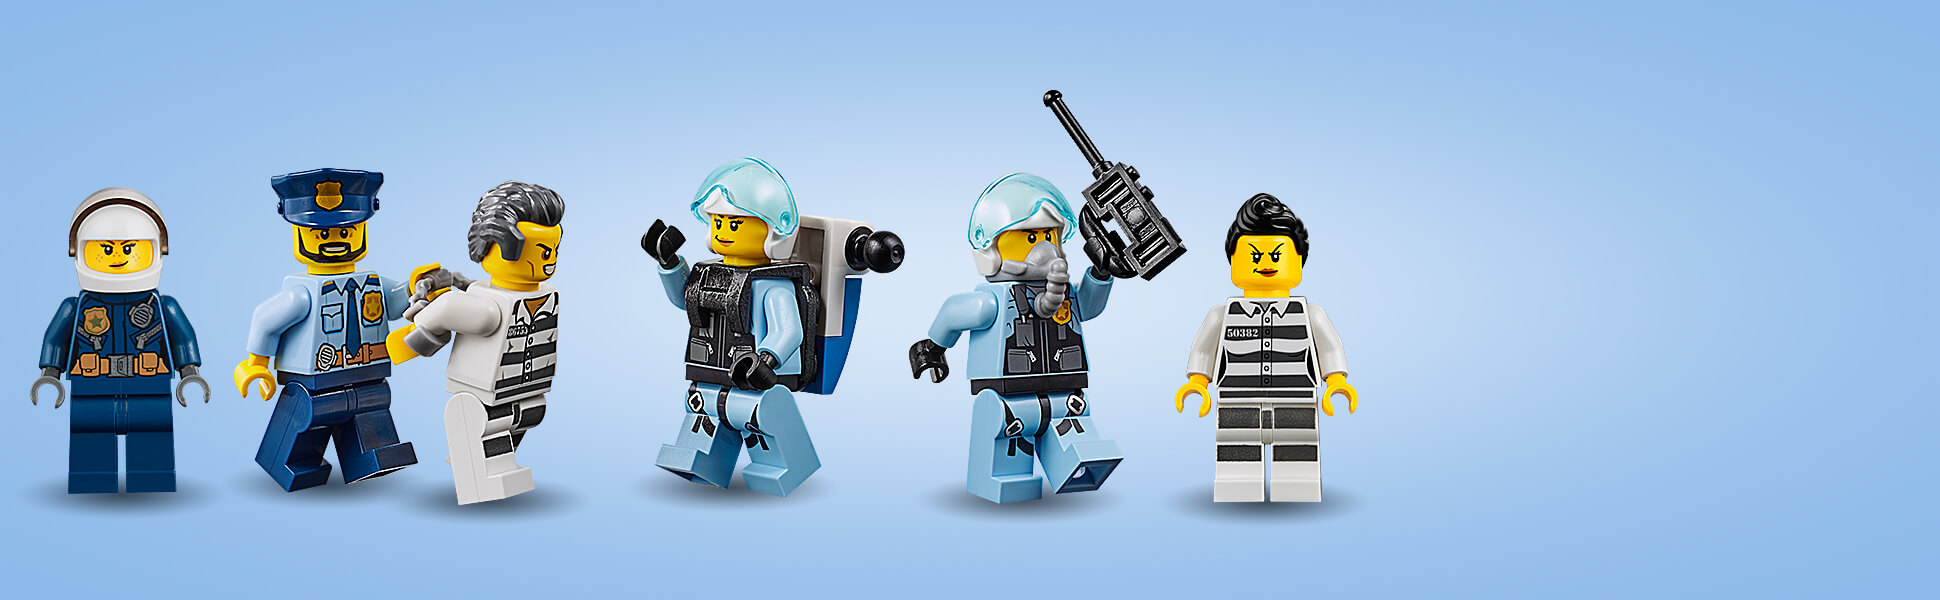 Obsahuje minifigurky 4 policistů a 2 zločinců